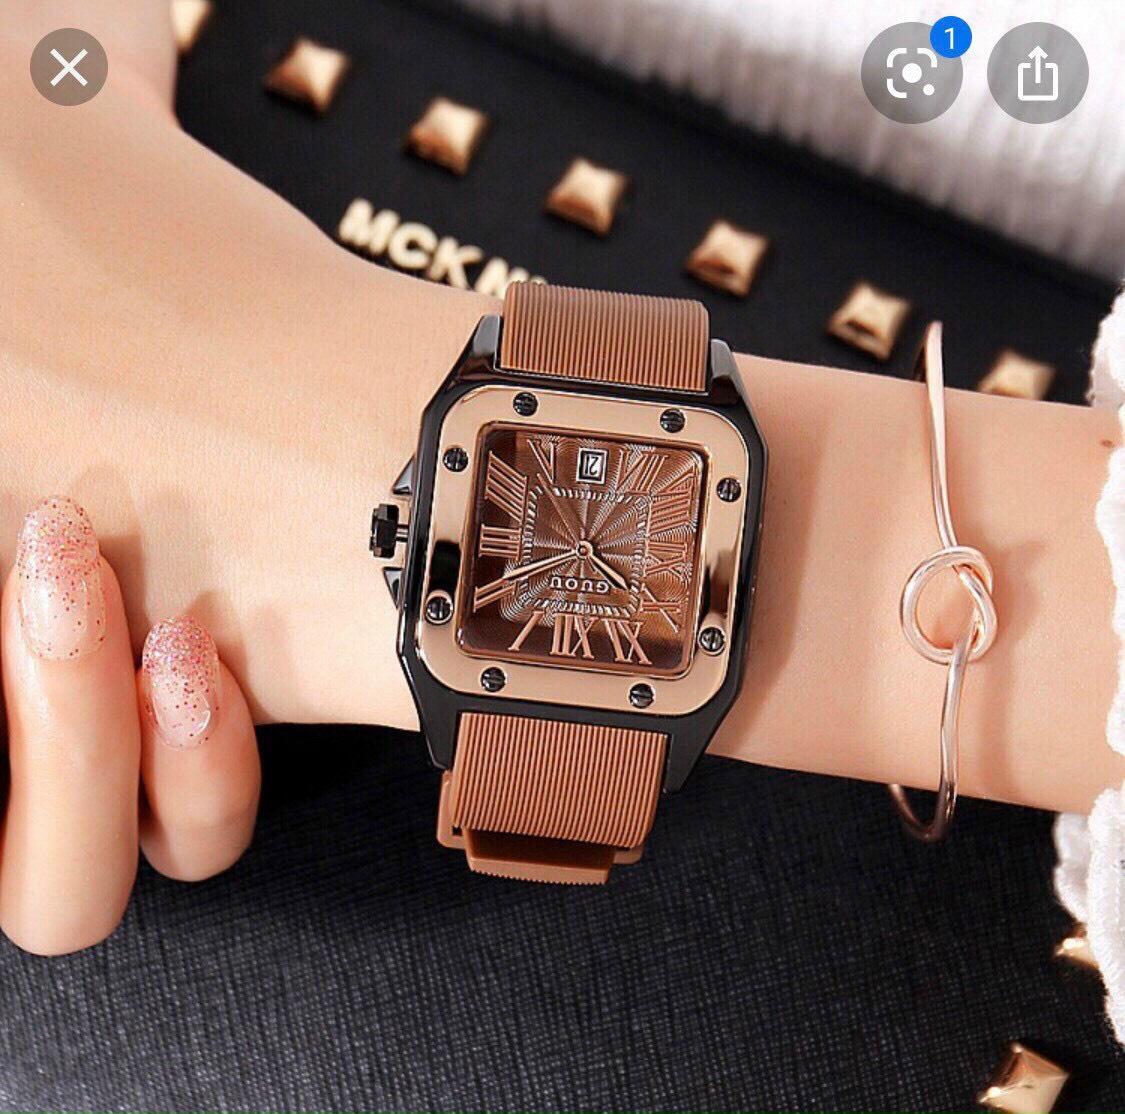 [HÀNG MỚI VỀ] Đồng hồ nữ GUOU mặt vuông size 36mm dây silicon cao cấp